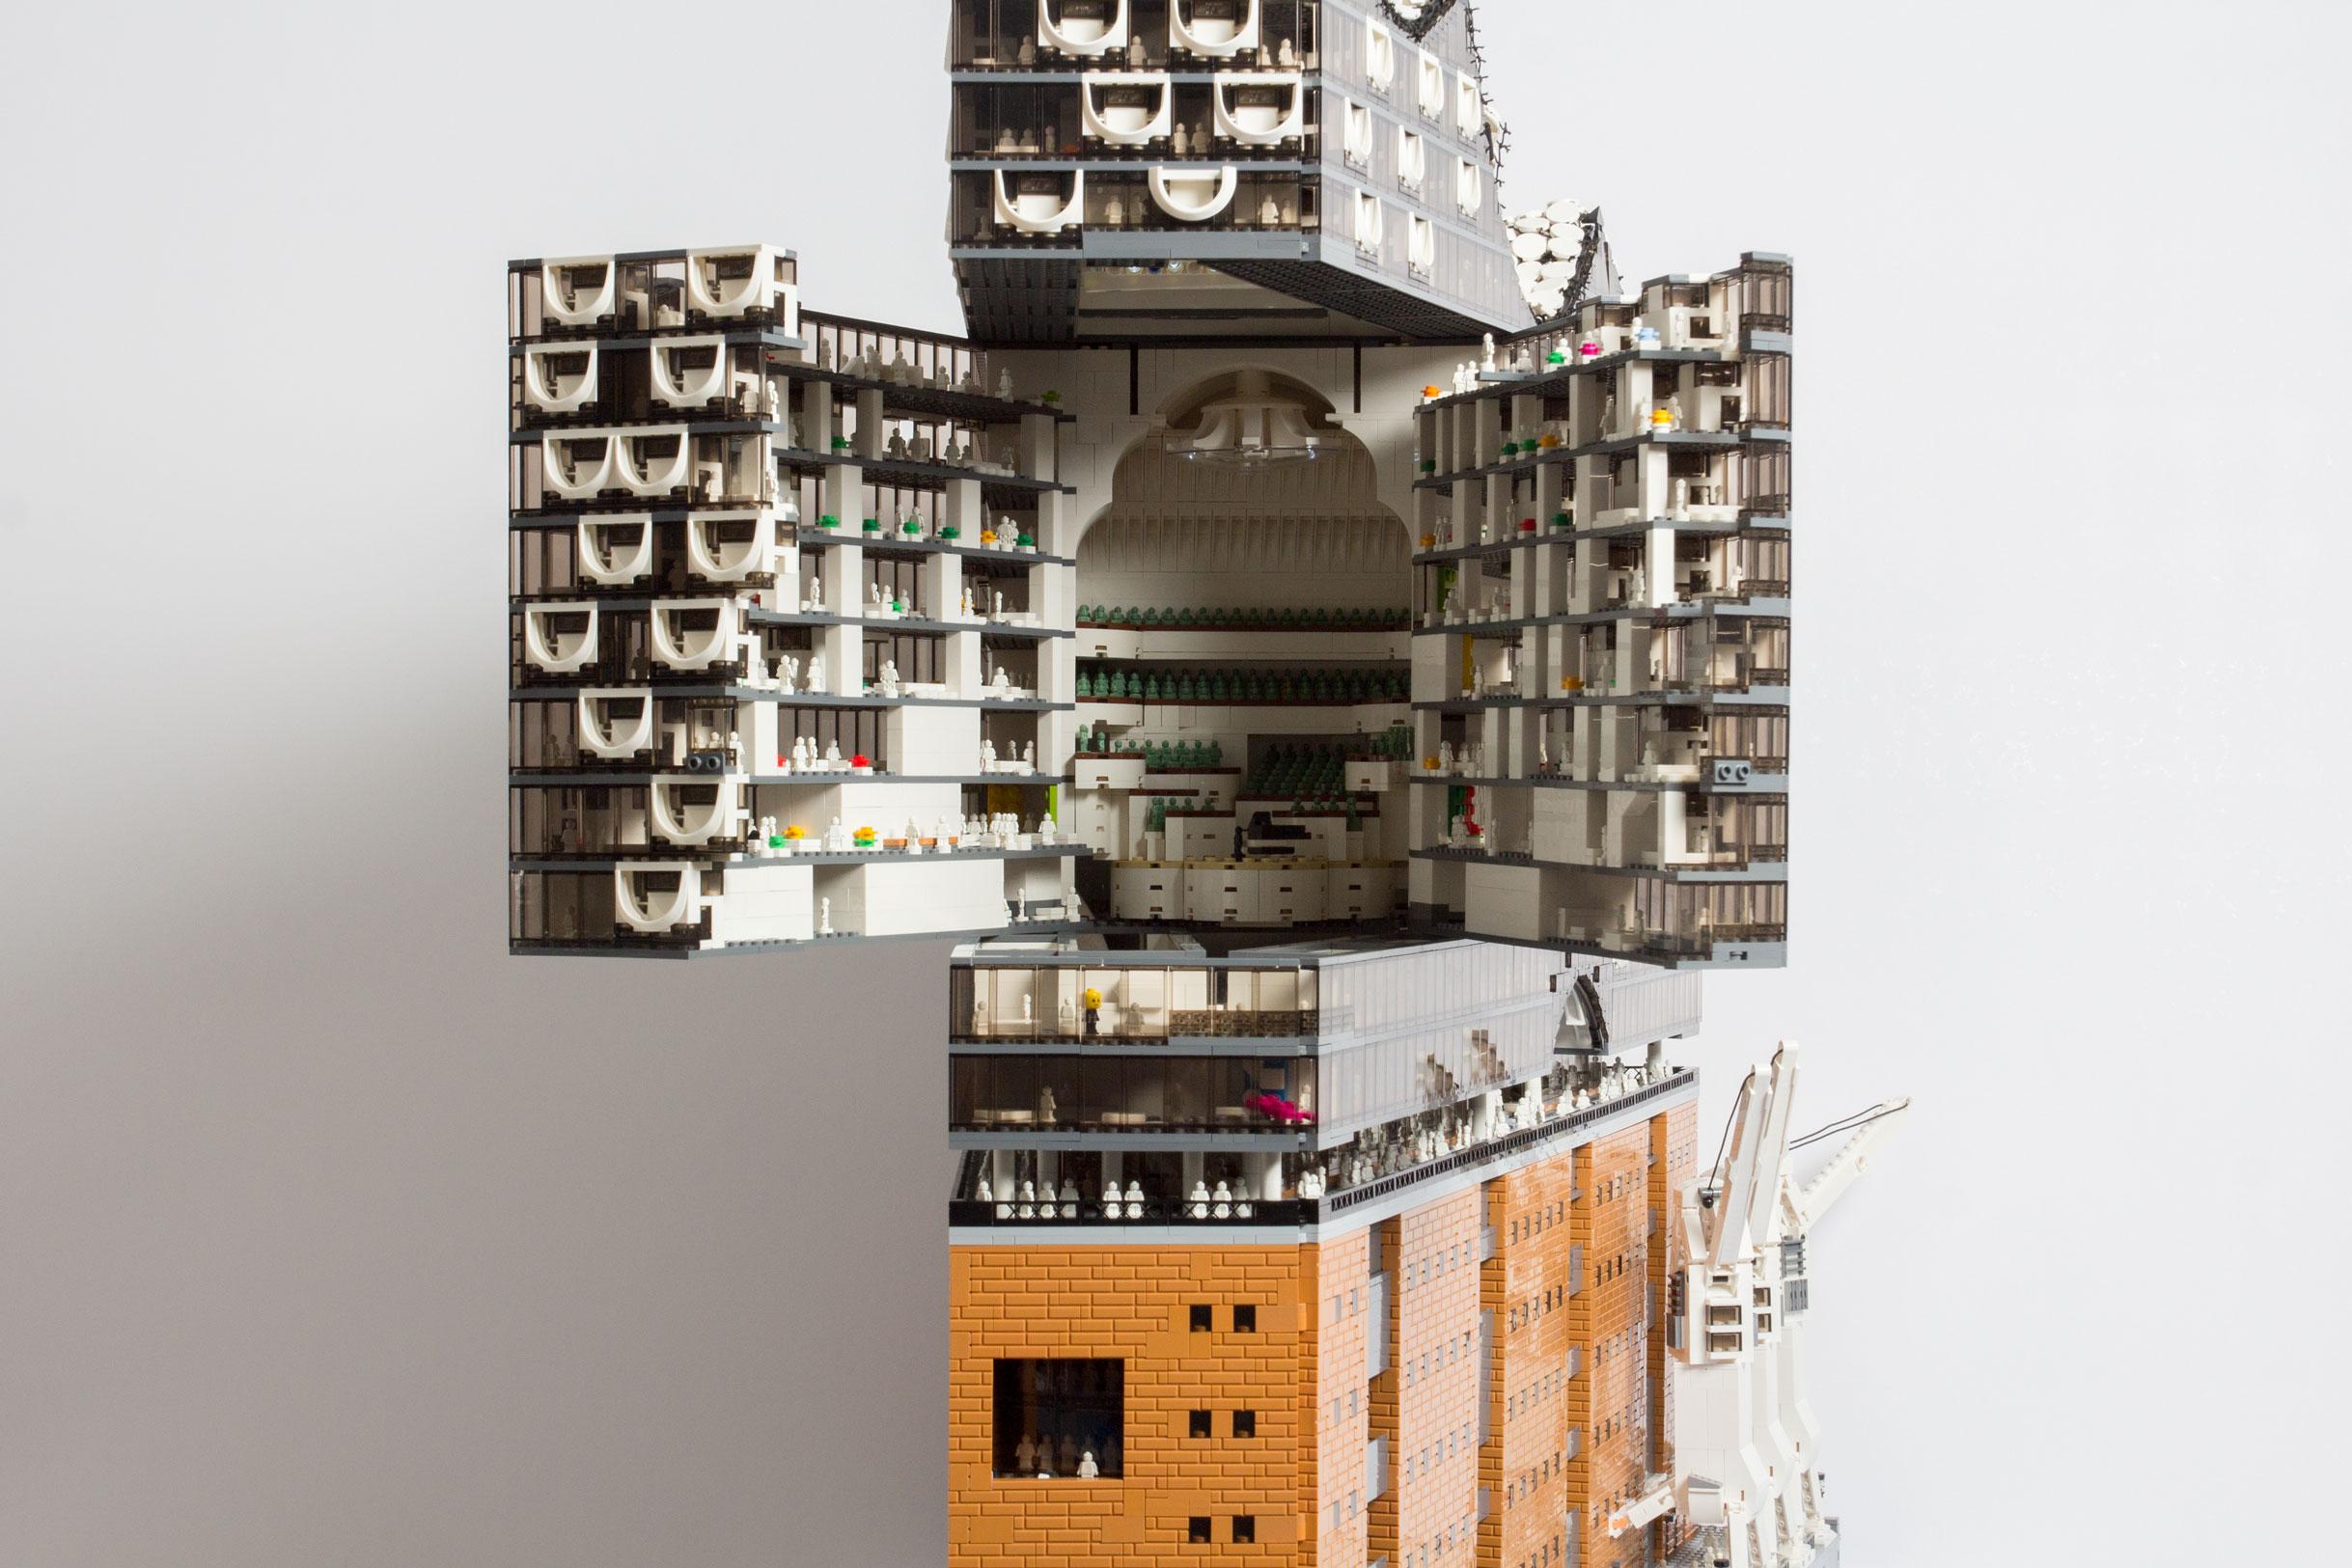 Hotel Interior Designer Hamburger Elbphilharmonie Als Lego Modell Zusammengebaut